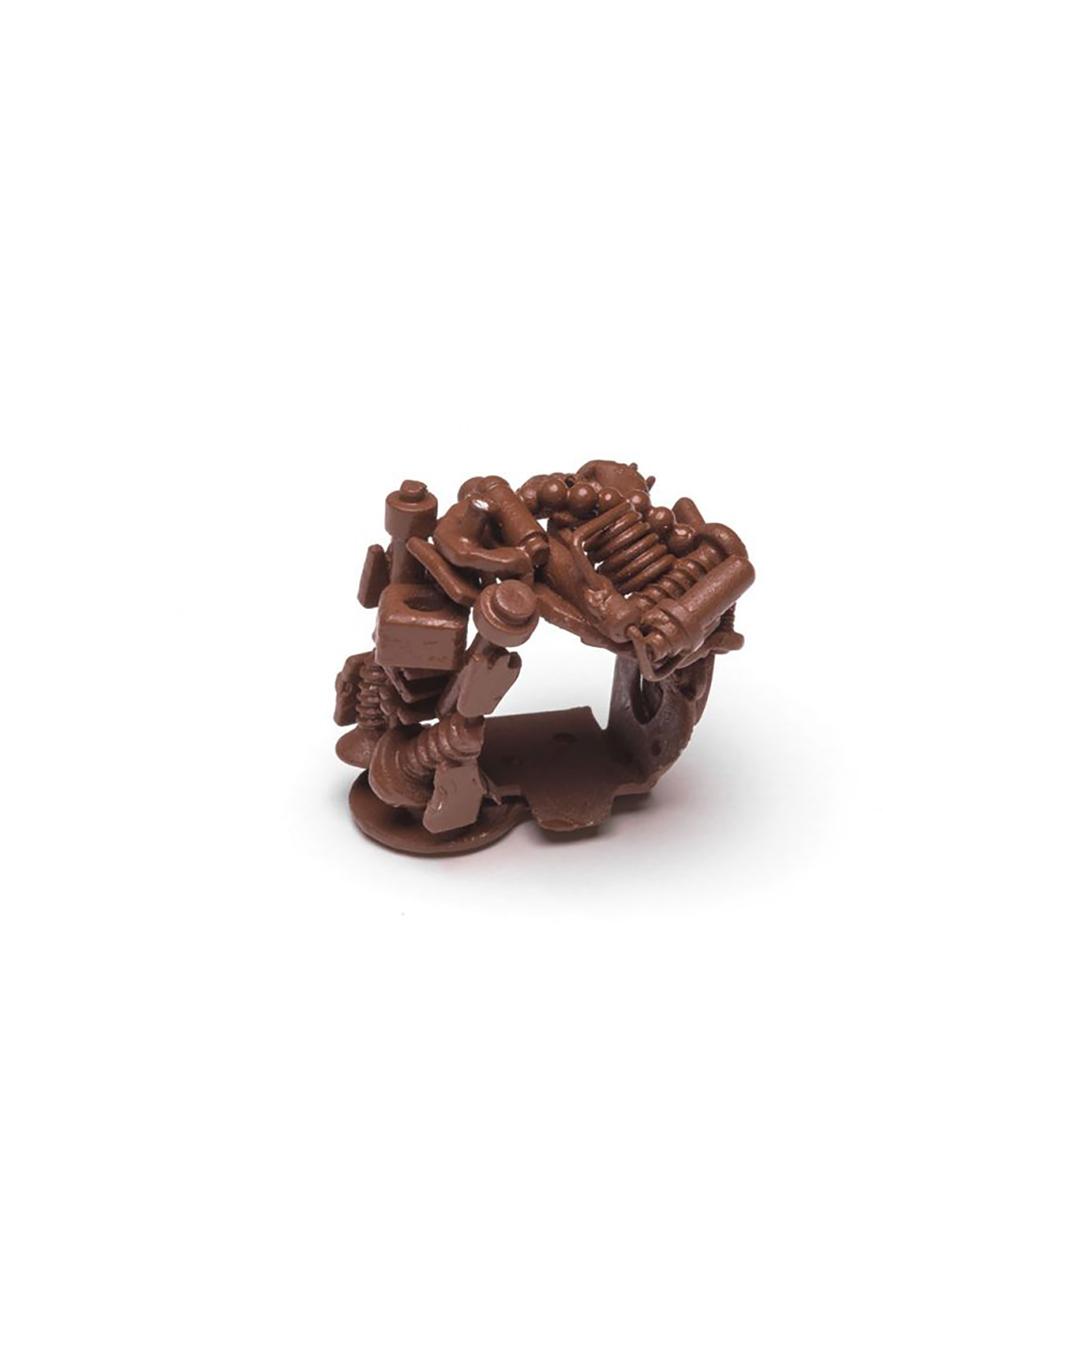 Doron Taubenfeld, zonder titel, 2009, ring; metaal, verf, 33 x 29 x 27 mm, €350